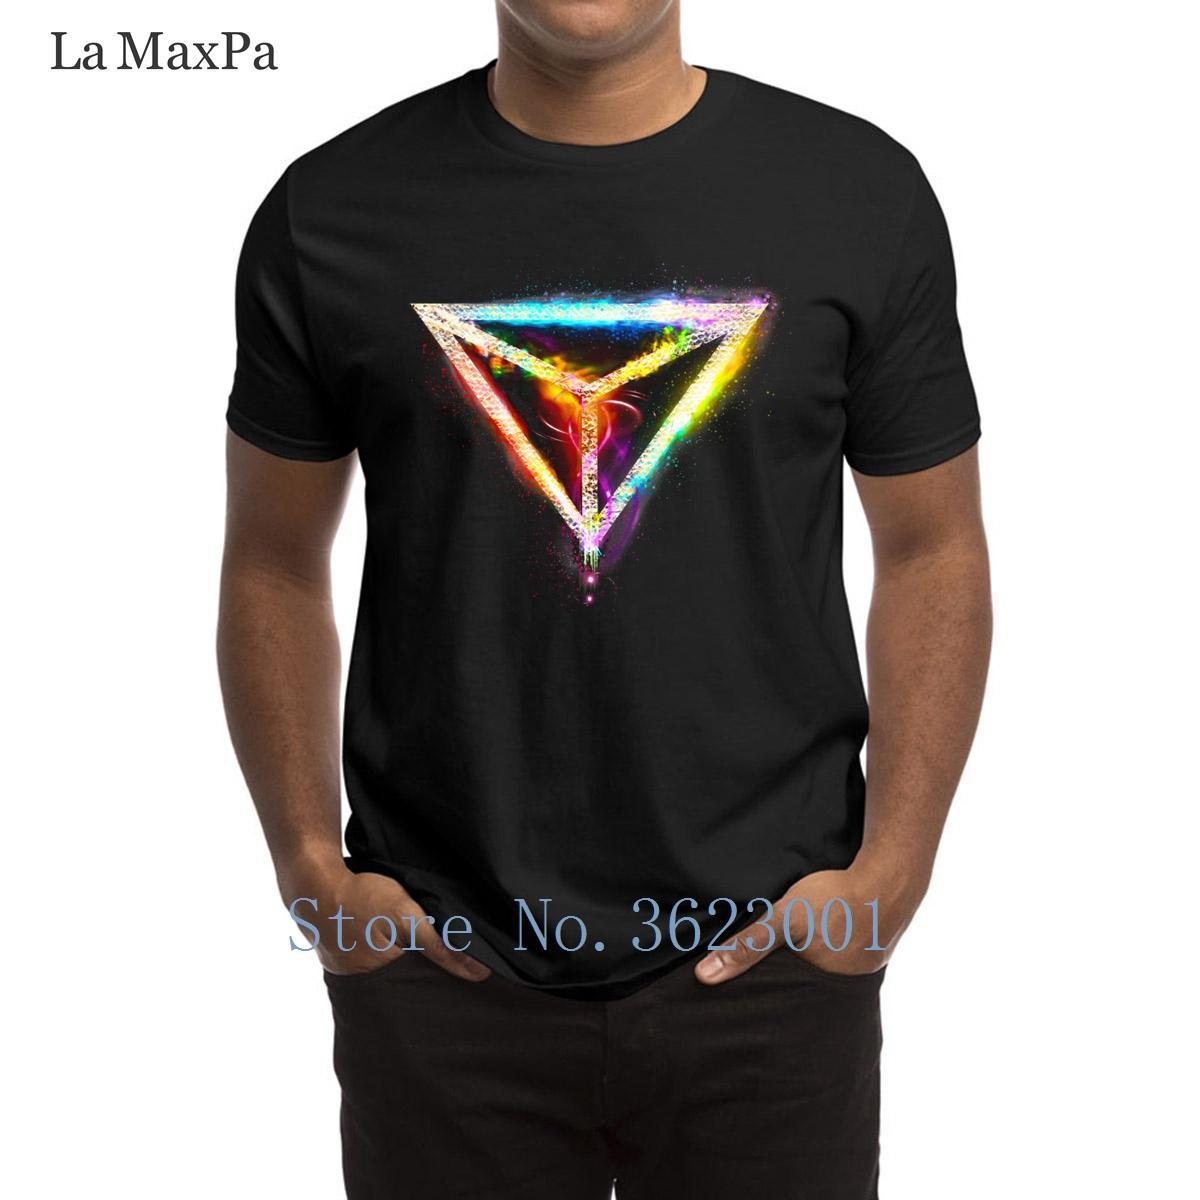 Baskılı Normal Erkek Tişört Ejder Gözü Neon Erkekler T Shirt Komik Homme Tee Gömlek Man Popüler Euro Boyut Tshirt Man Ucuz